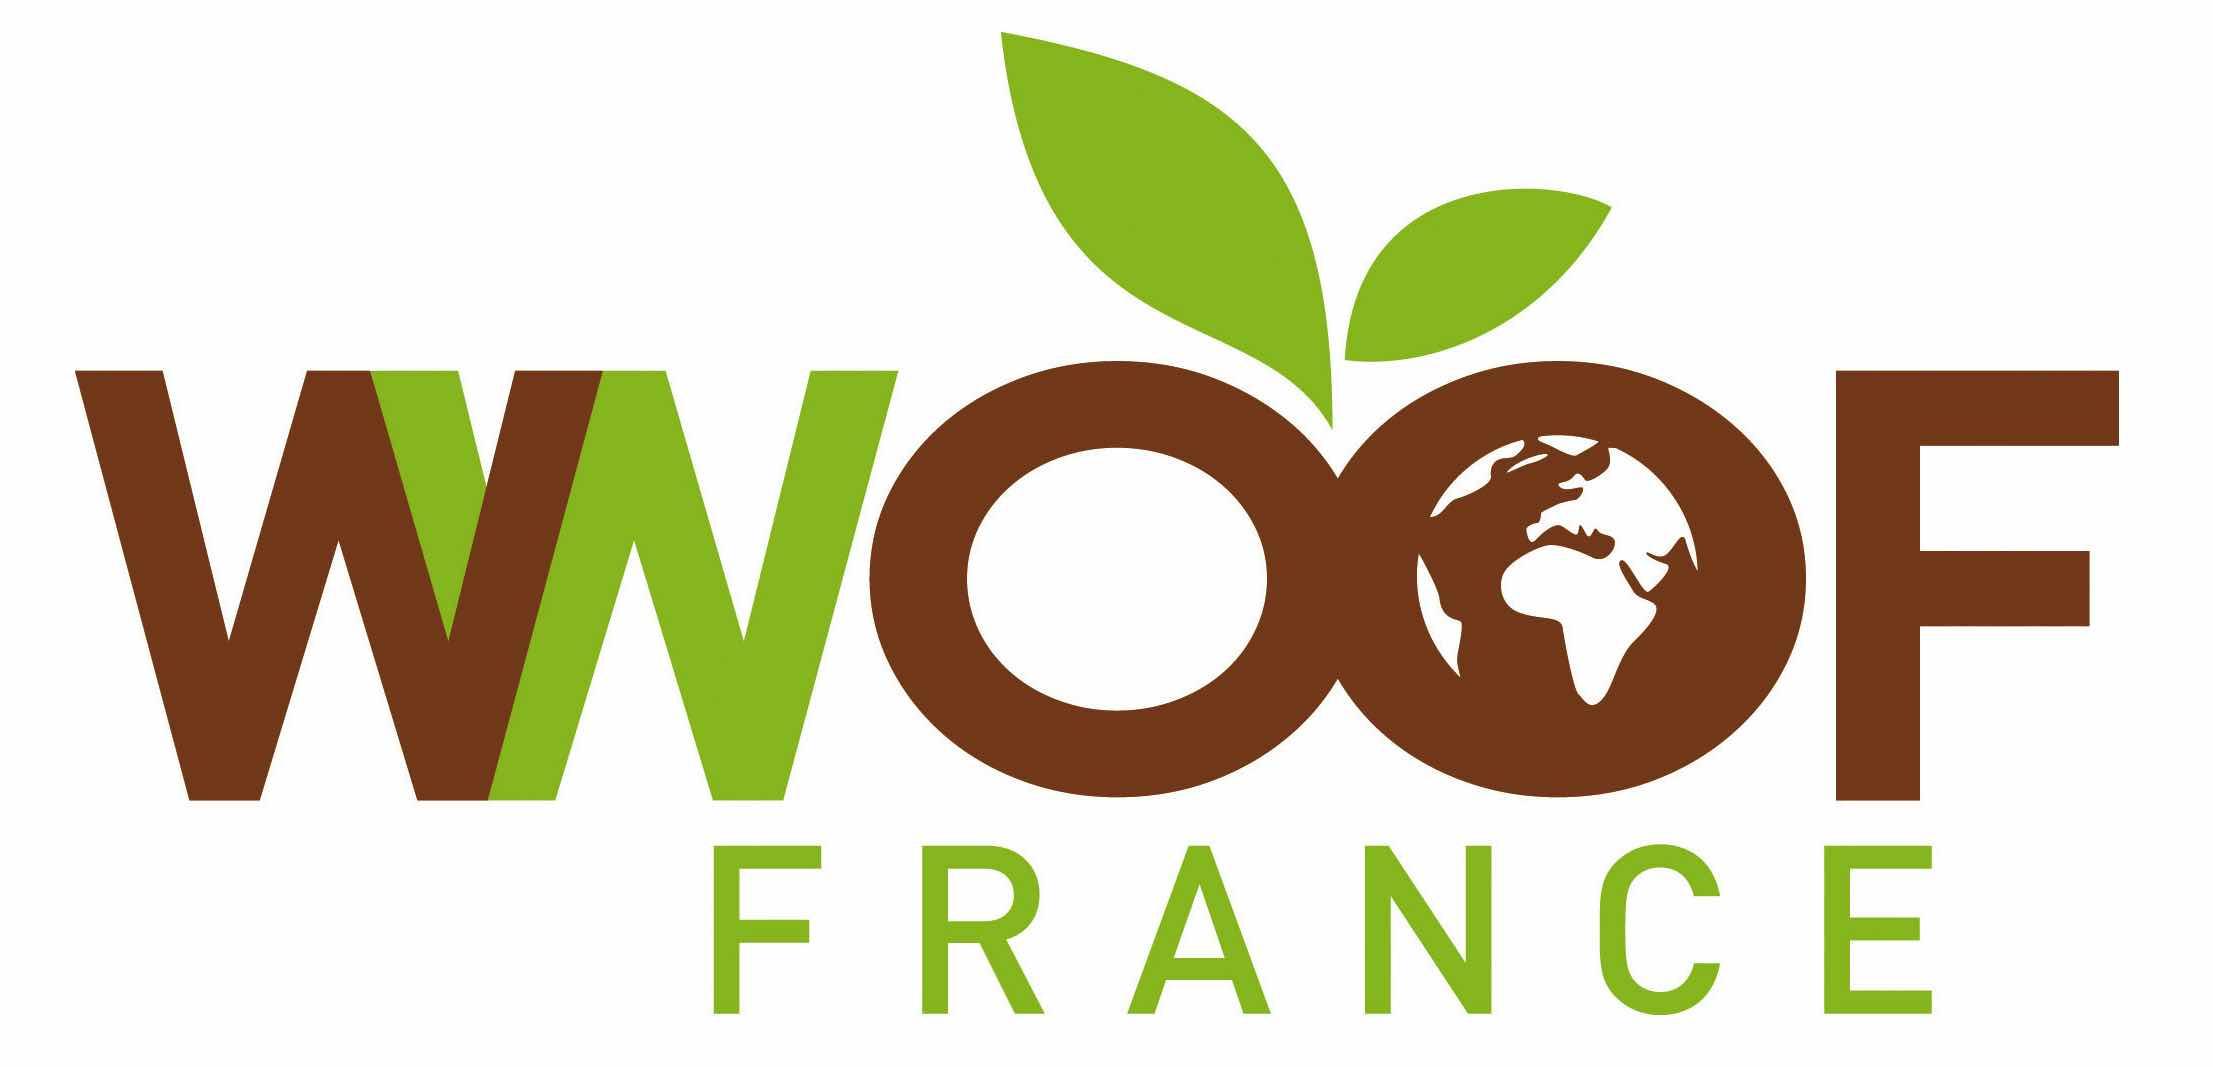 wwoof france logo.jpg